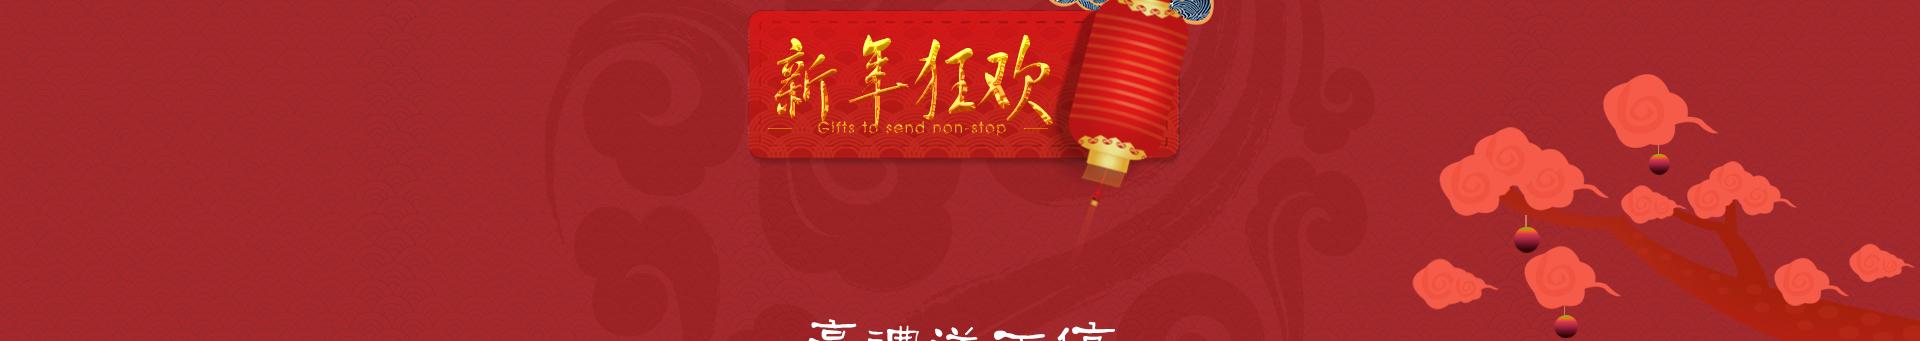 哈尔滨儿童摄影 贯日集团 新年快乐